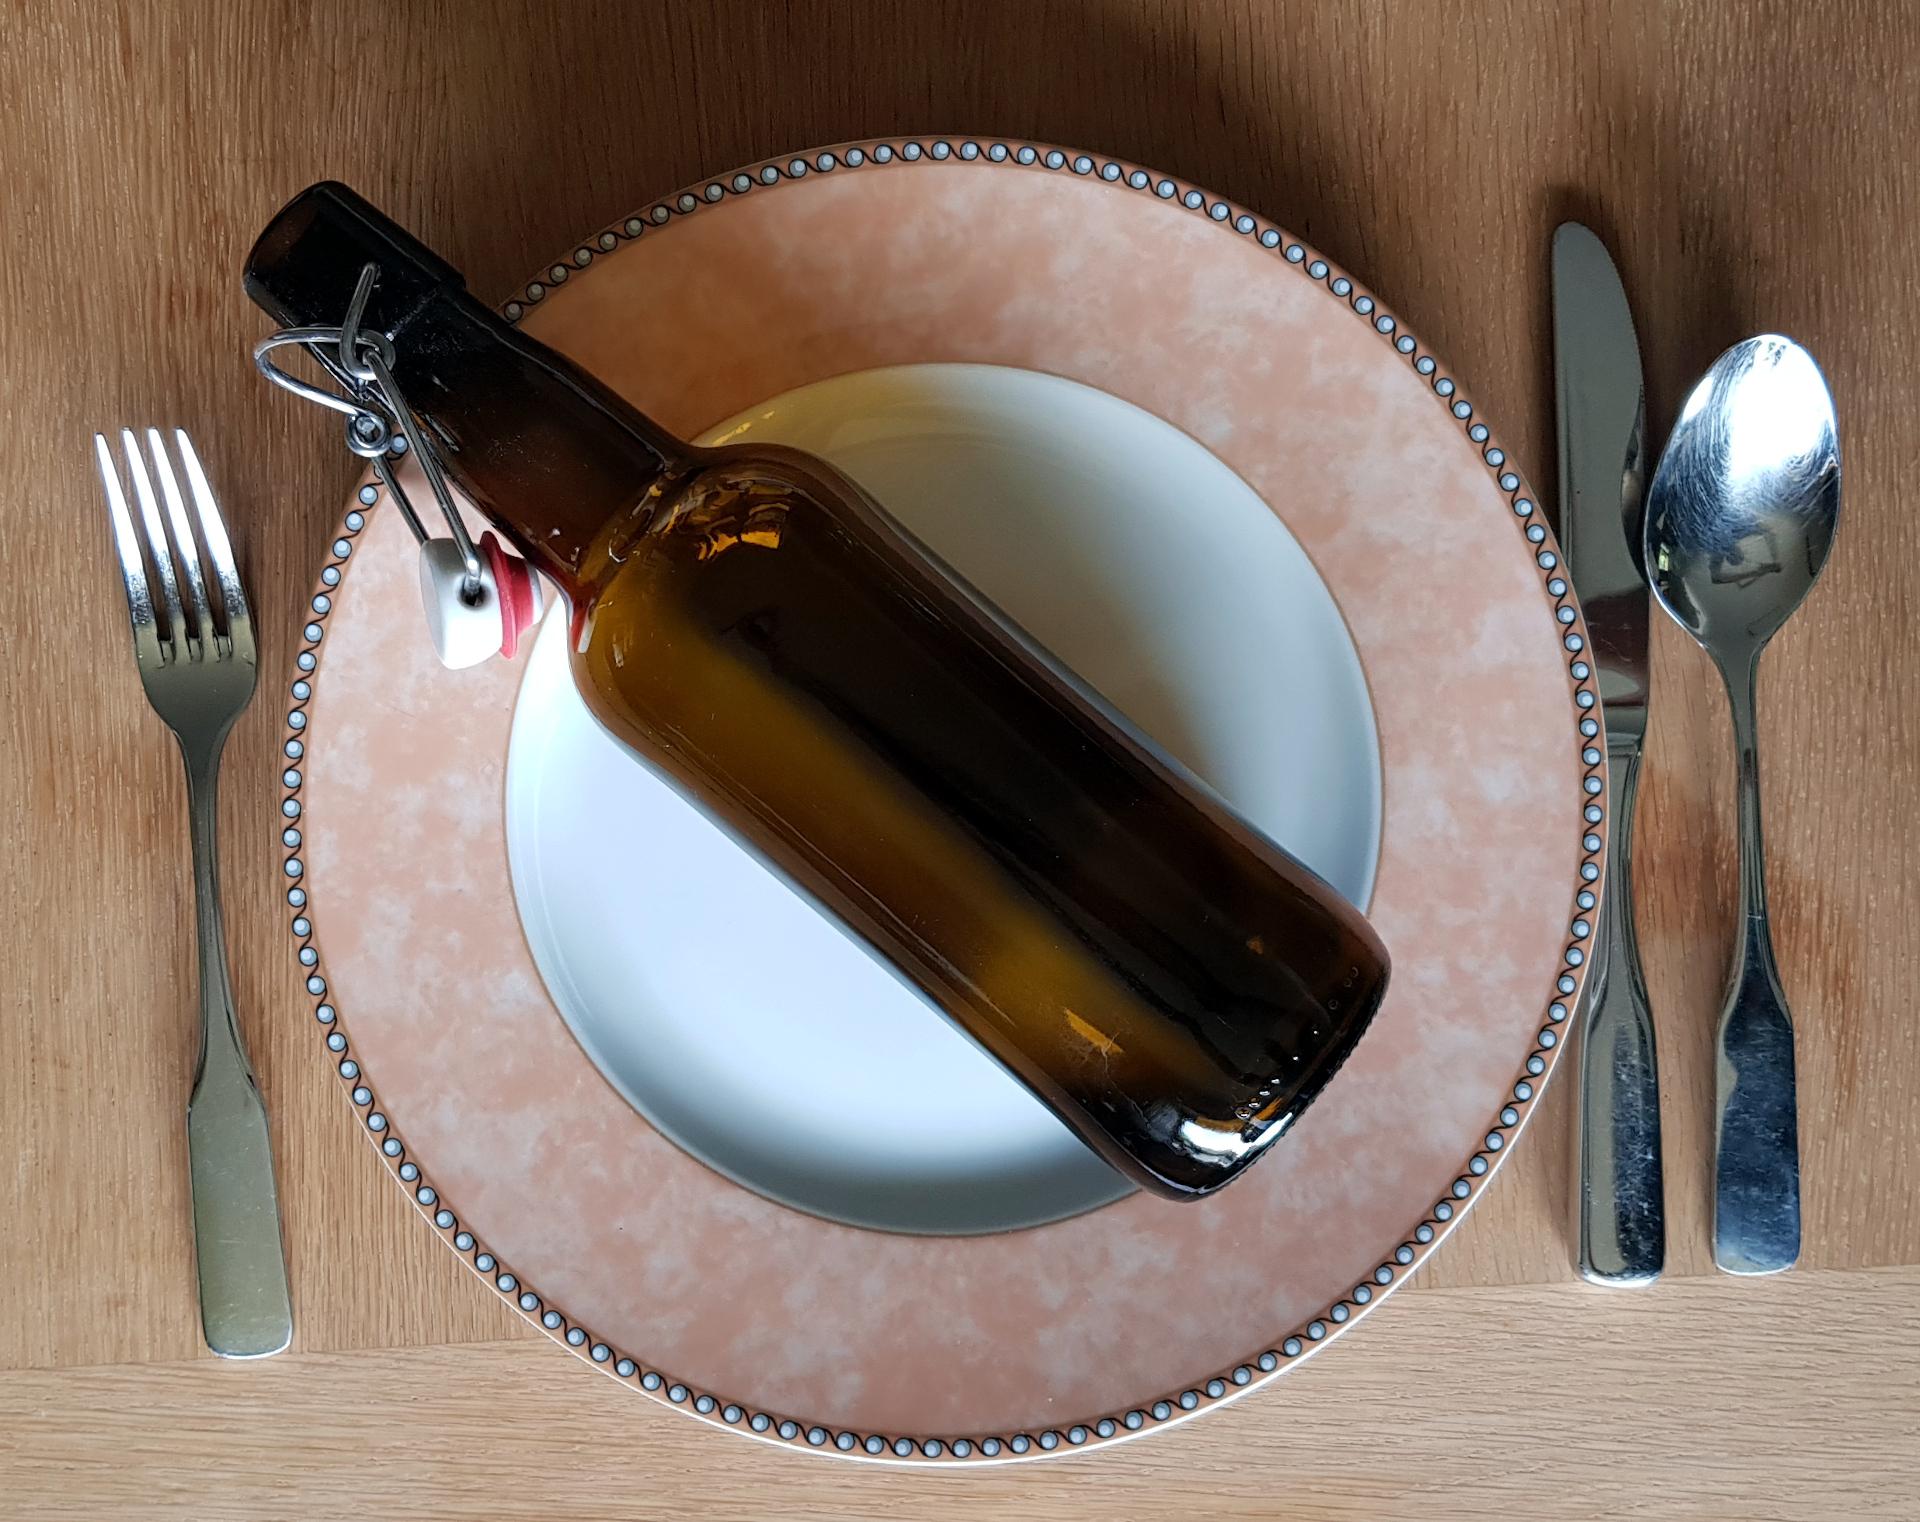 Kalorien, kcal und kJ - Nährwertangaben. Bierflasche auf leerem Teller mit Besteck